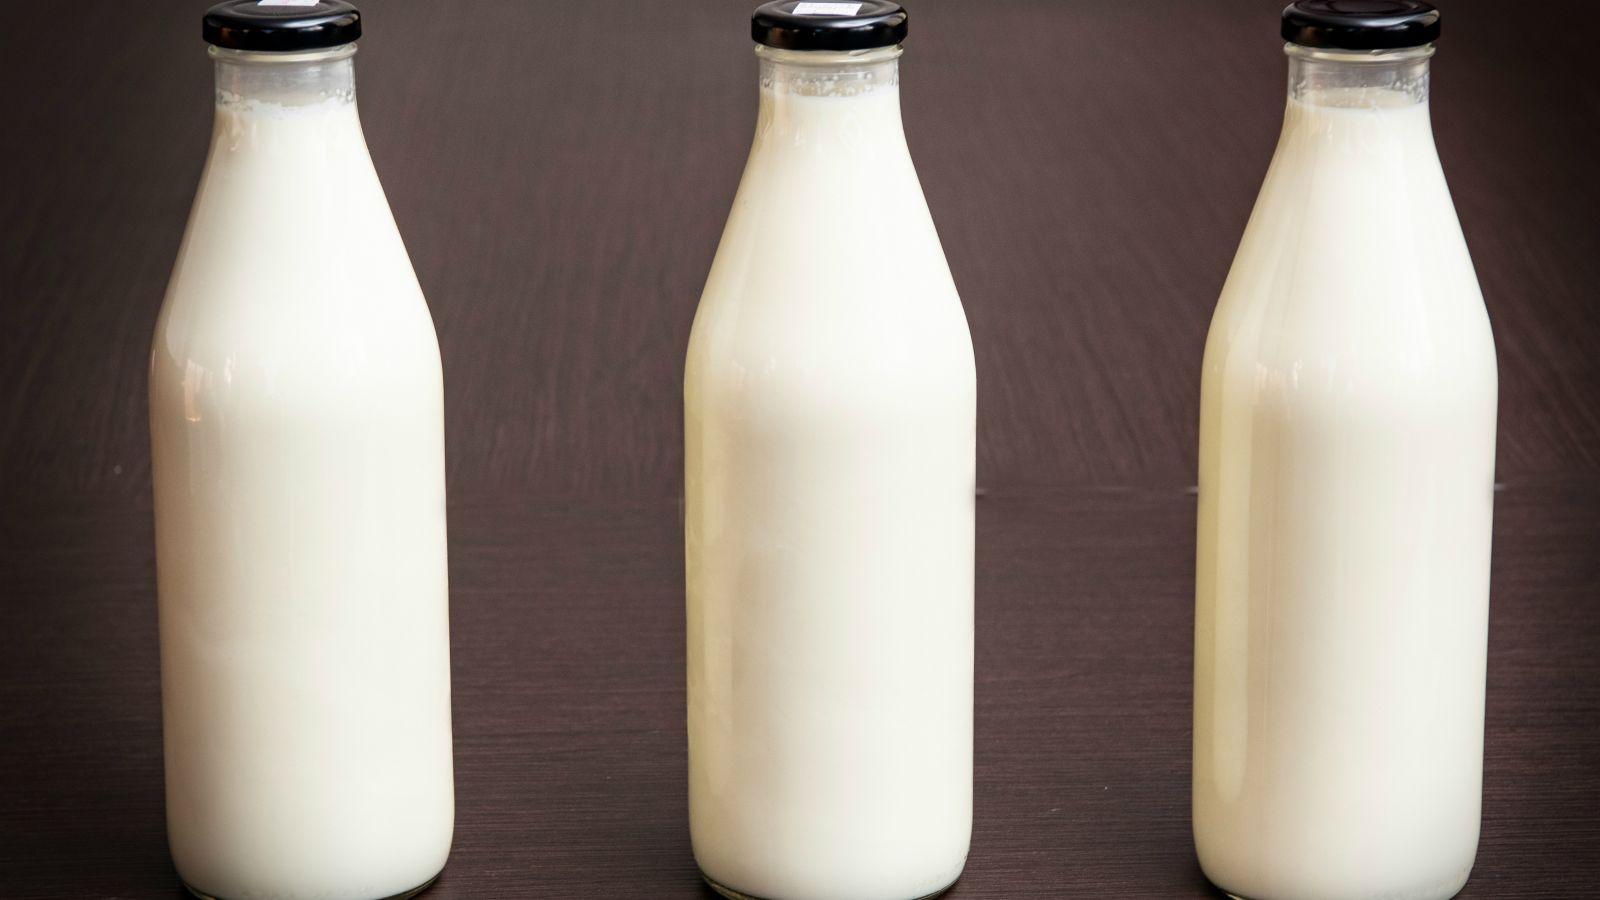 Three one litre full milk bottles